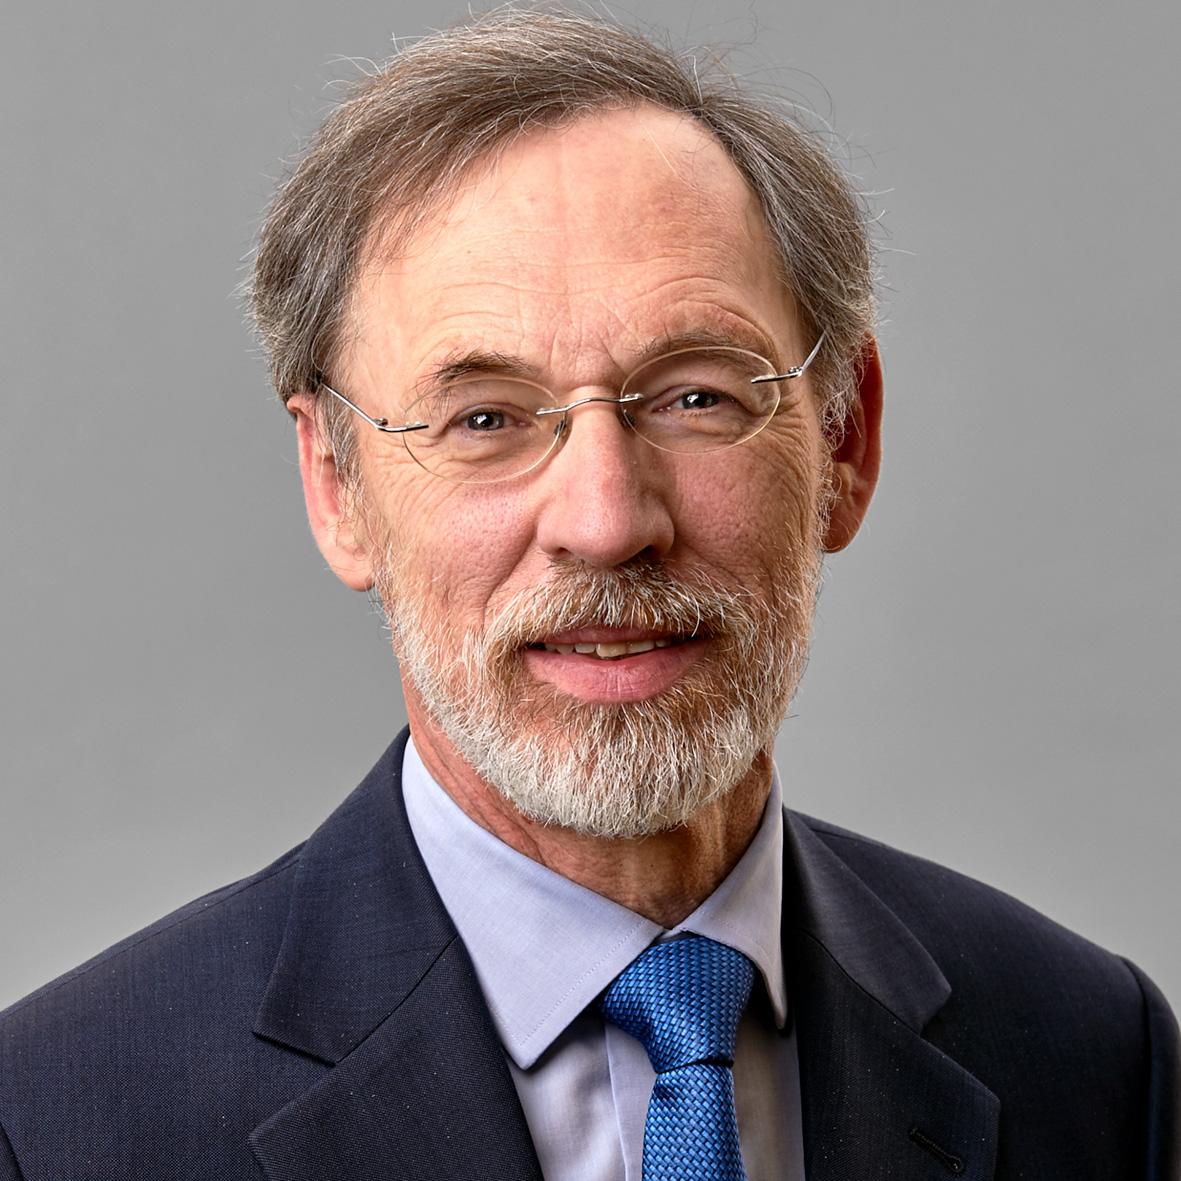 Heinrich Degenhart